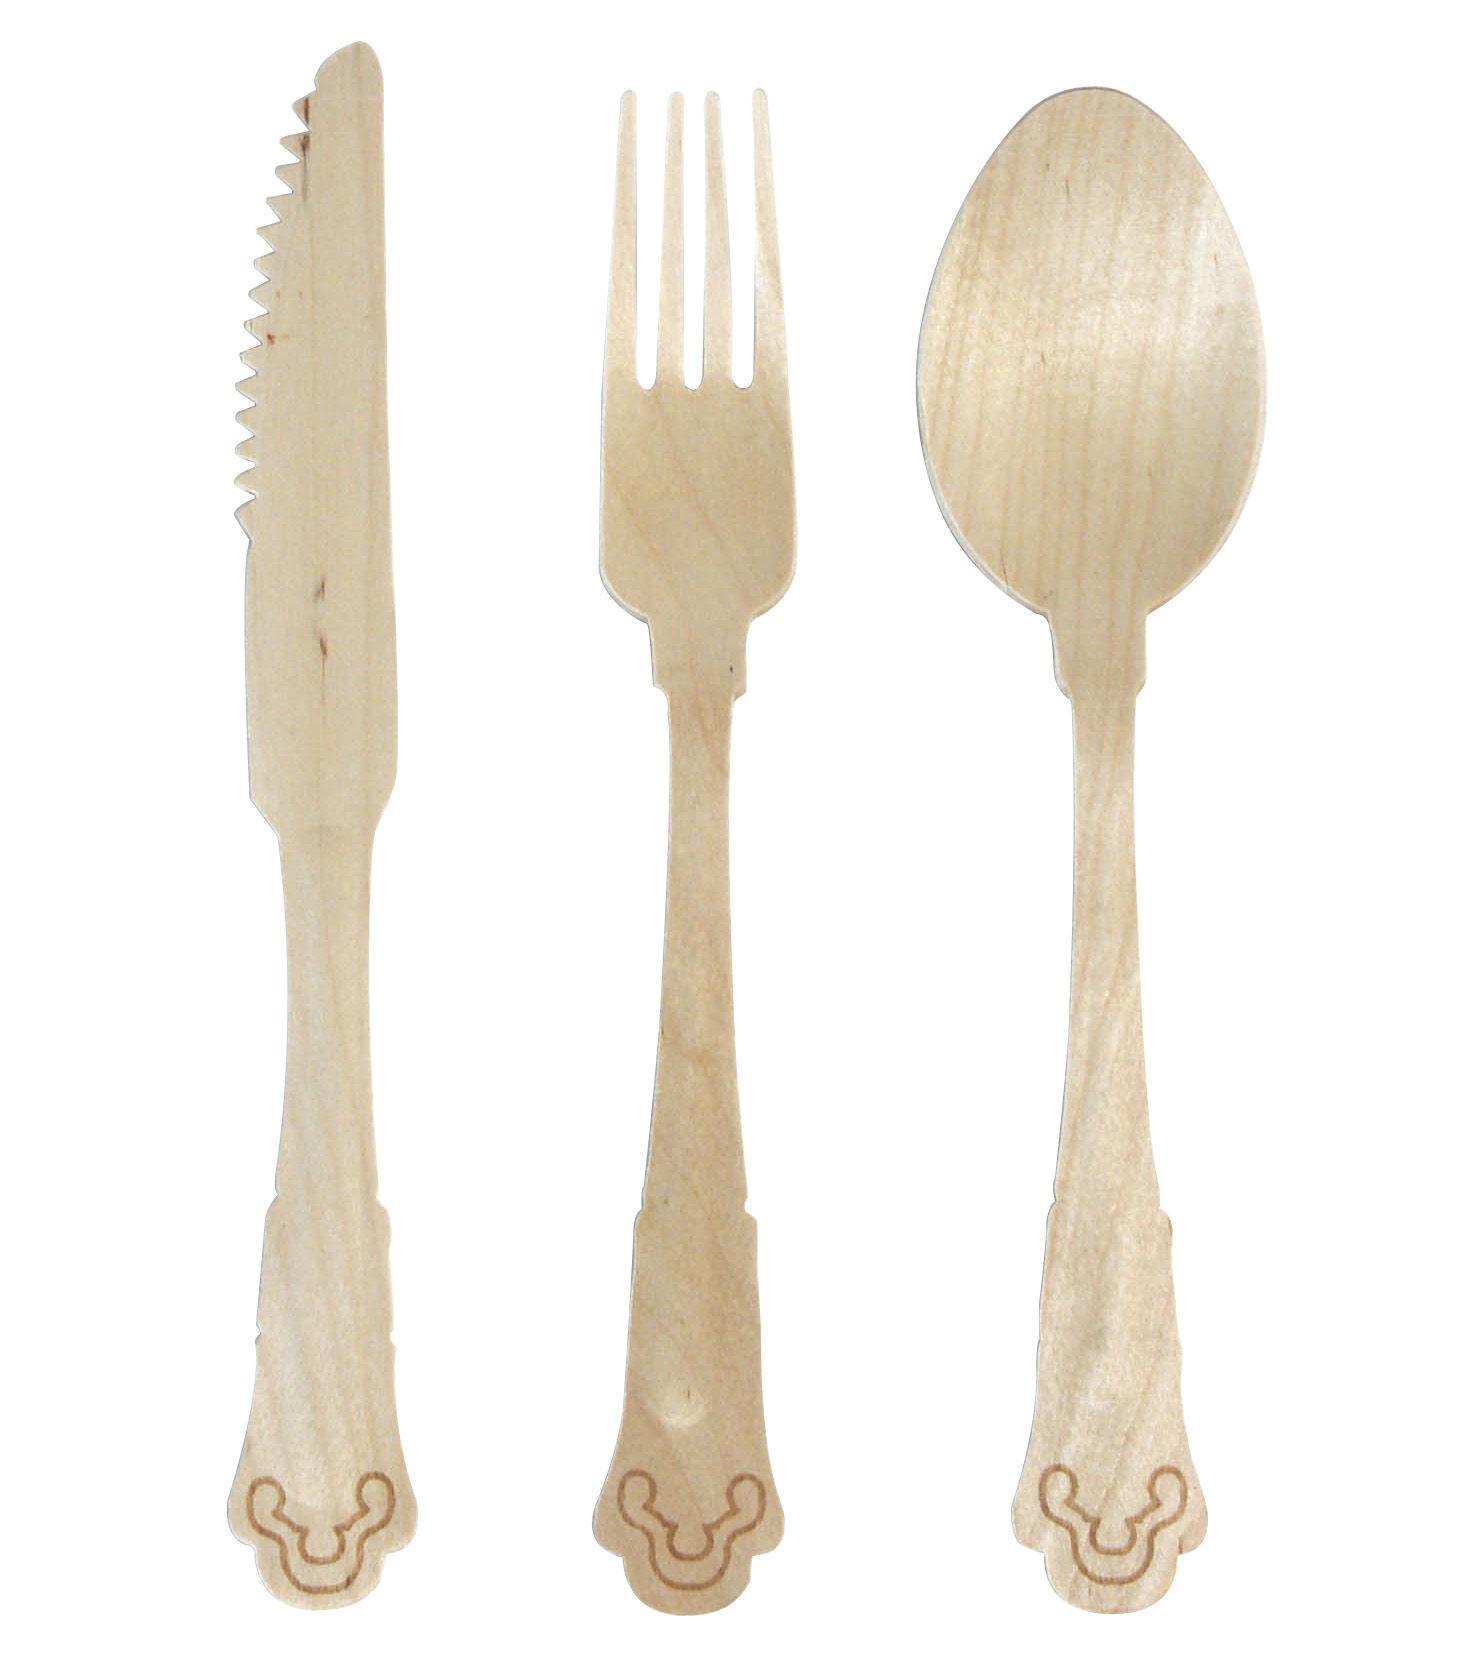 Tavola - Posate - Set di posate Tablée - Set di posate monouso con tovaglilo di cotone di Seletti - legno/ bianco - Carta, Cotone, Legno